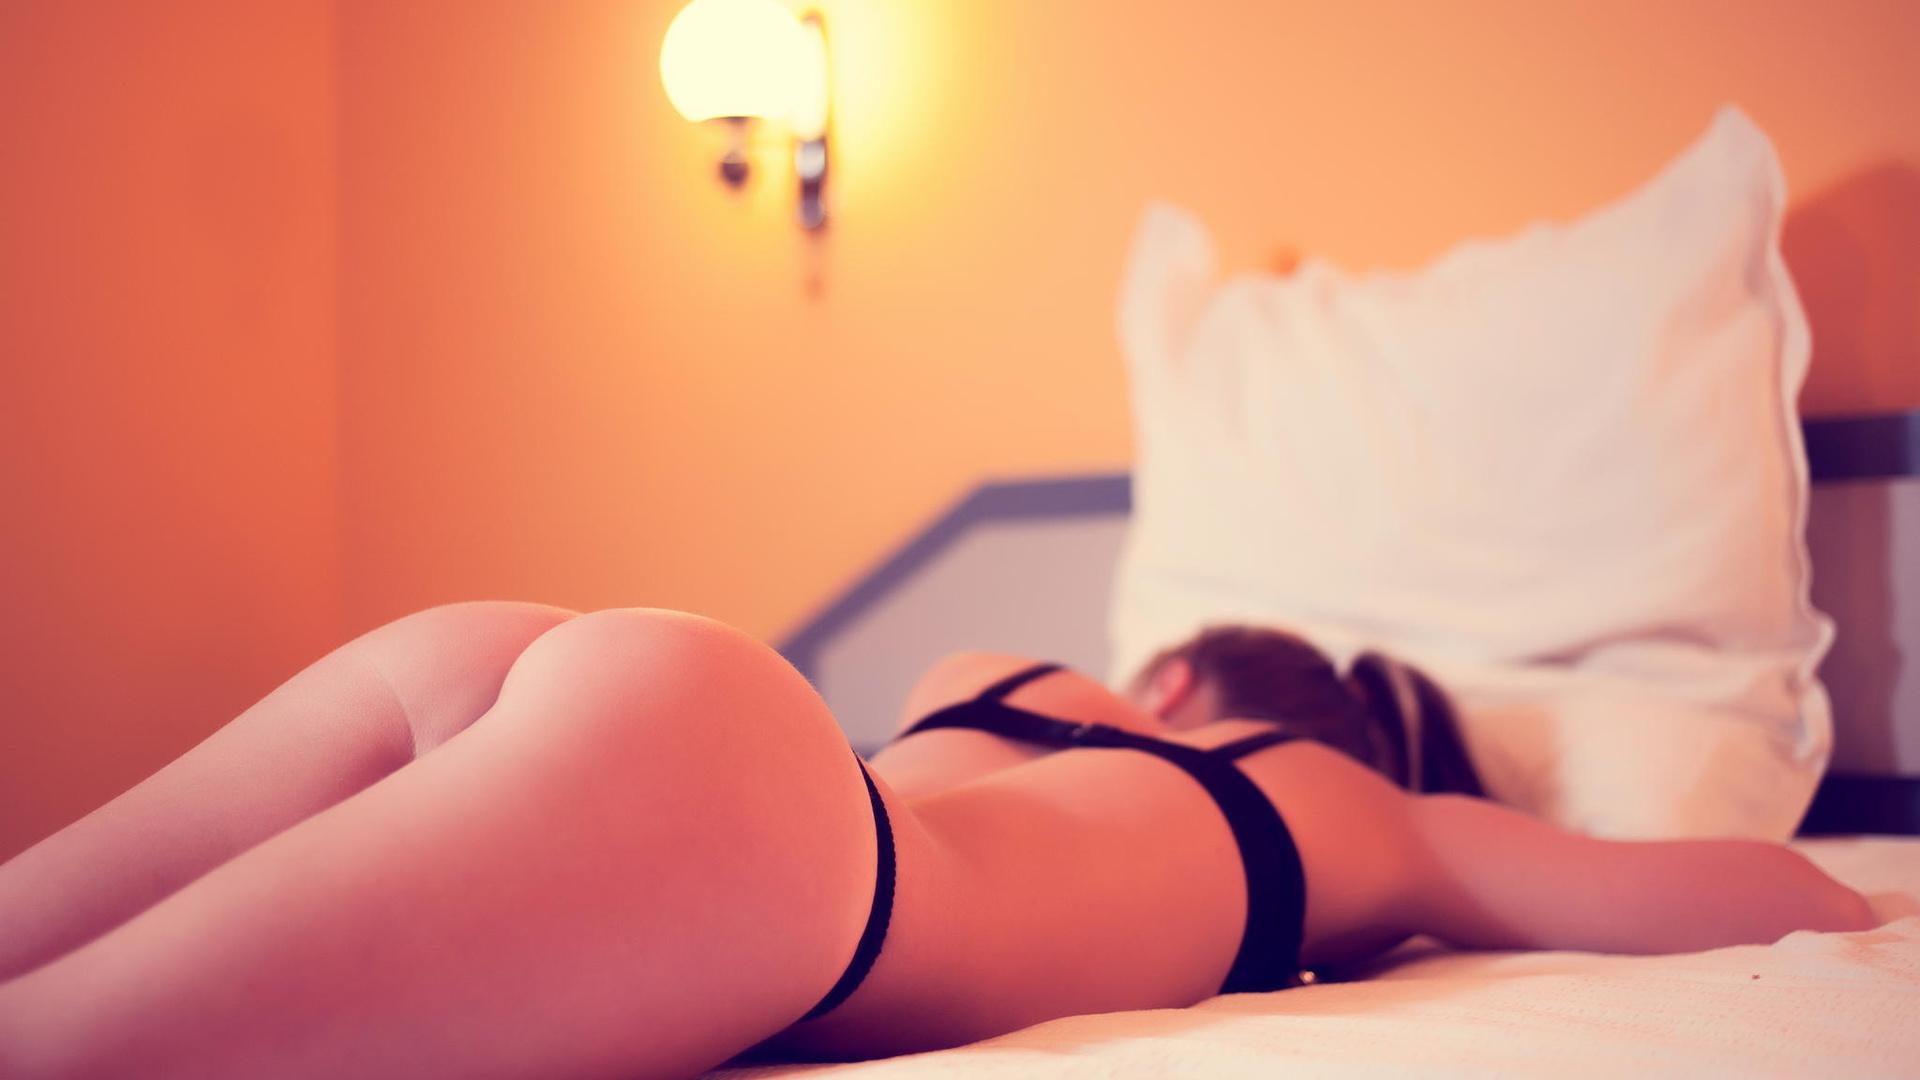 Фото попки девушек в постели, Большие задницы голых девушек в постели - Частное 16 фотография